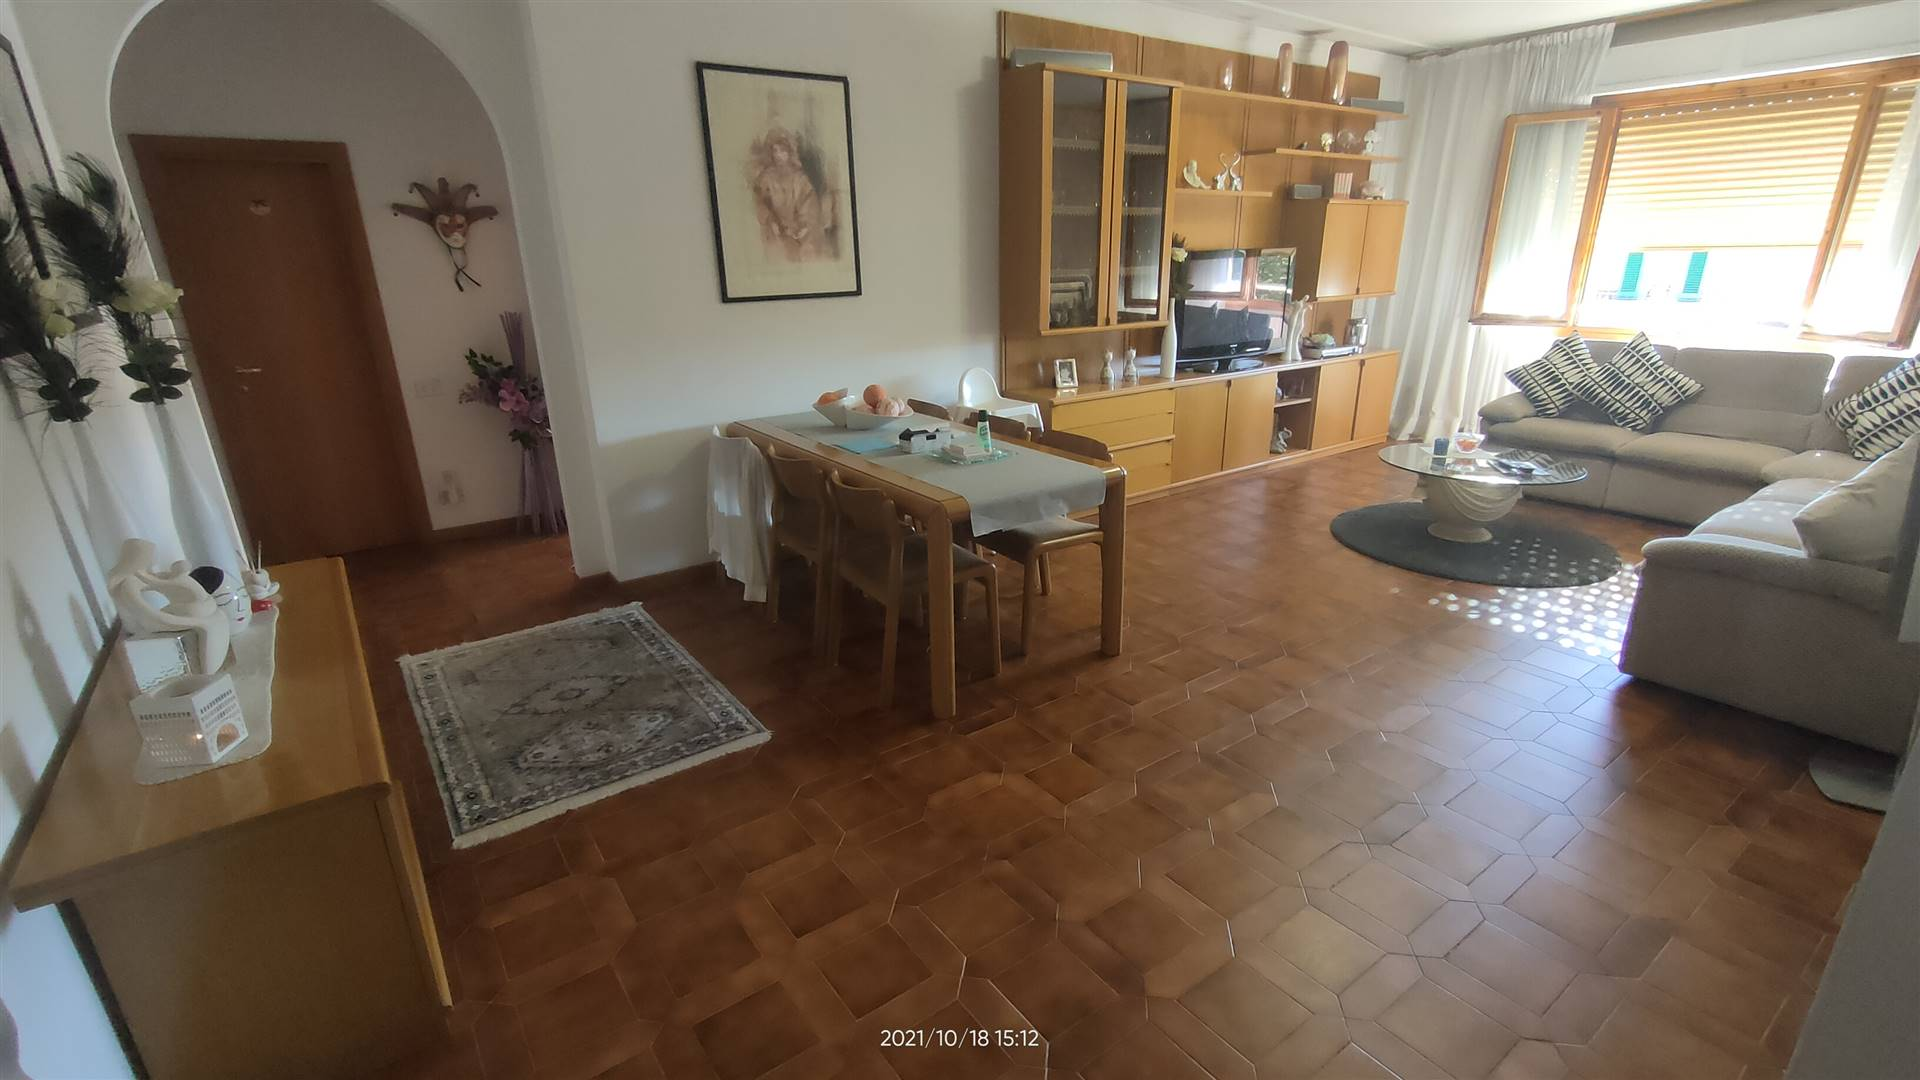 Appartamento in vendita a Greve in Chianti, 5 locali, zona da in Chianti, prezzo € 285.000 | PortaleAgenzieImmobiliari.it